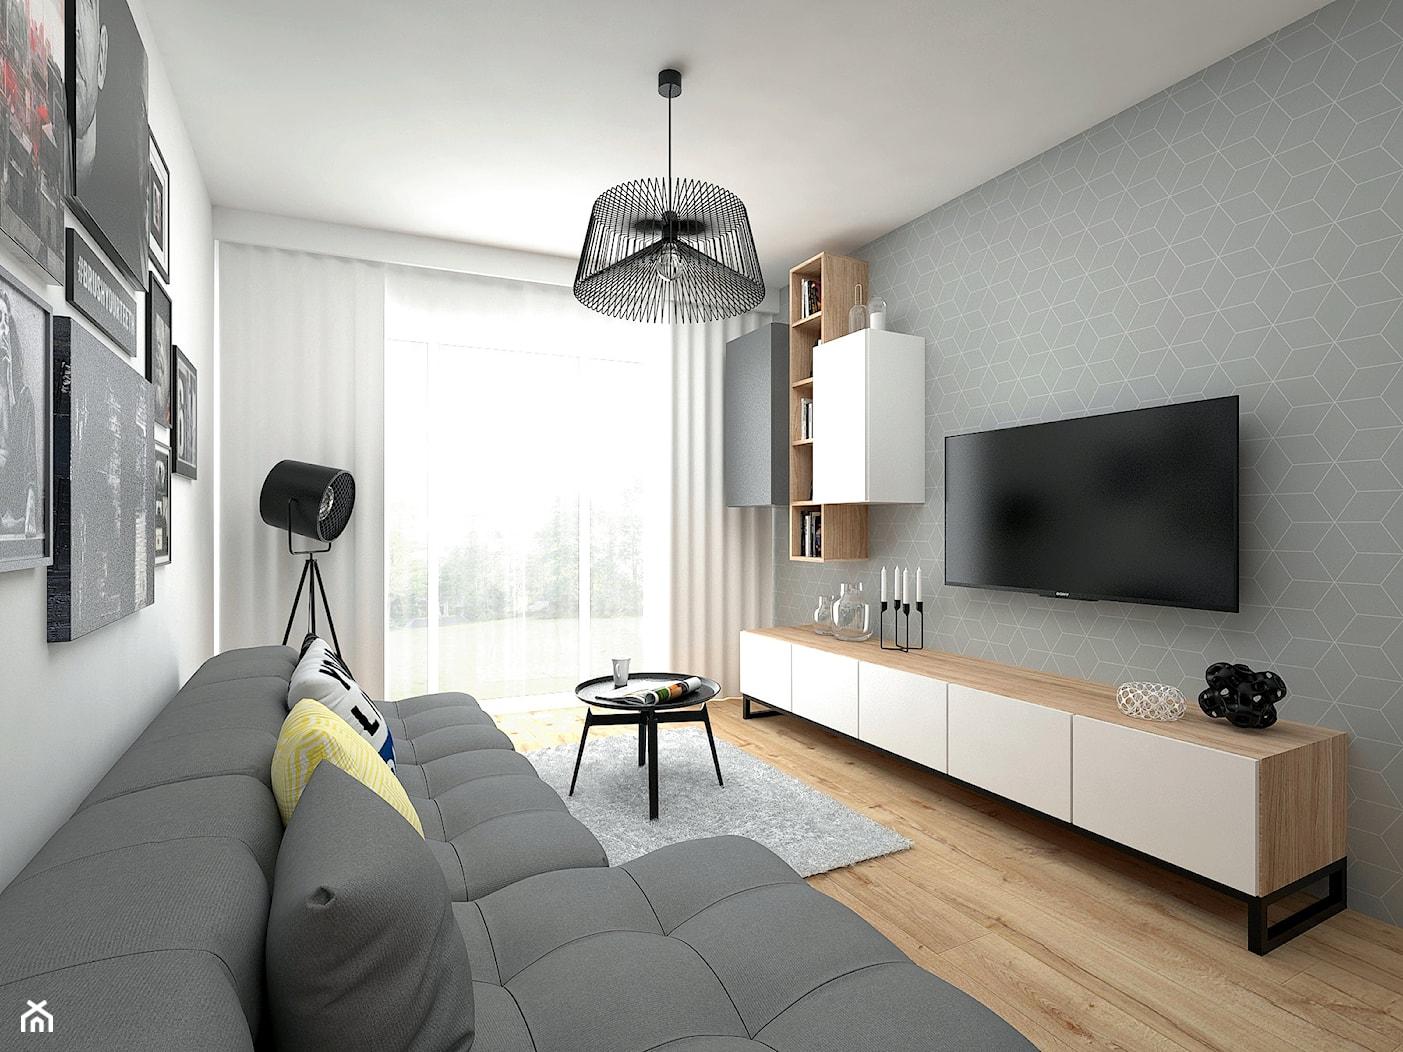 Projekt mieszkania 35 m2 / Kraków - Mały szary biały salon z bibiloteczką z tarasem / balkonem, styl skandynawski - zdjęcie od BIG IDEA studio projektowe - Homebook